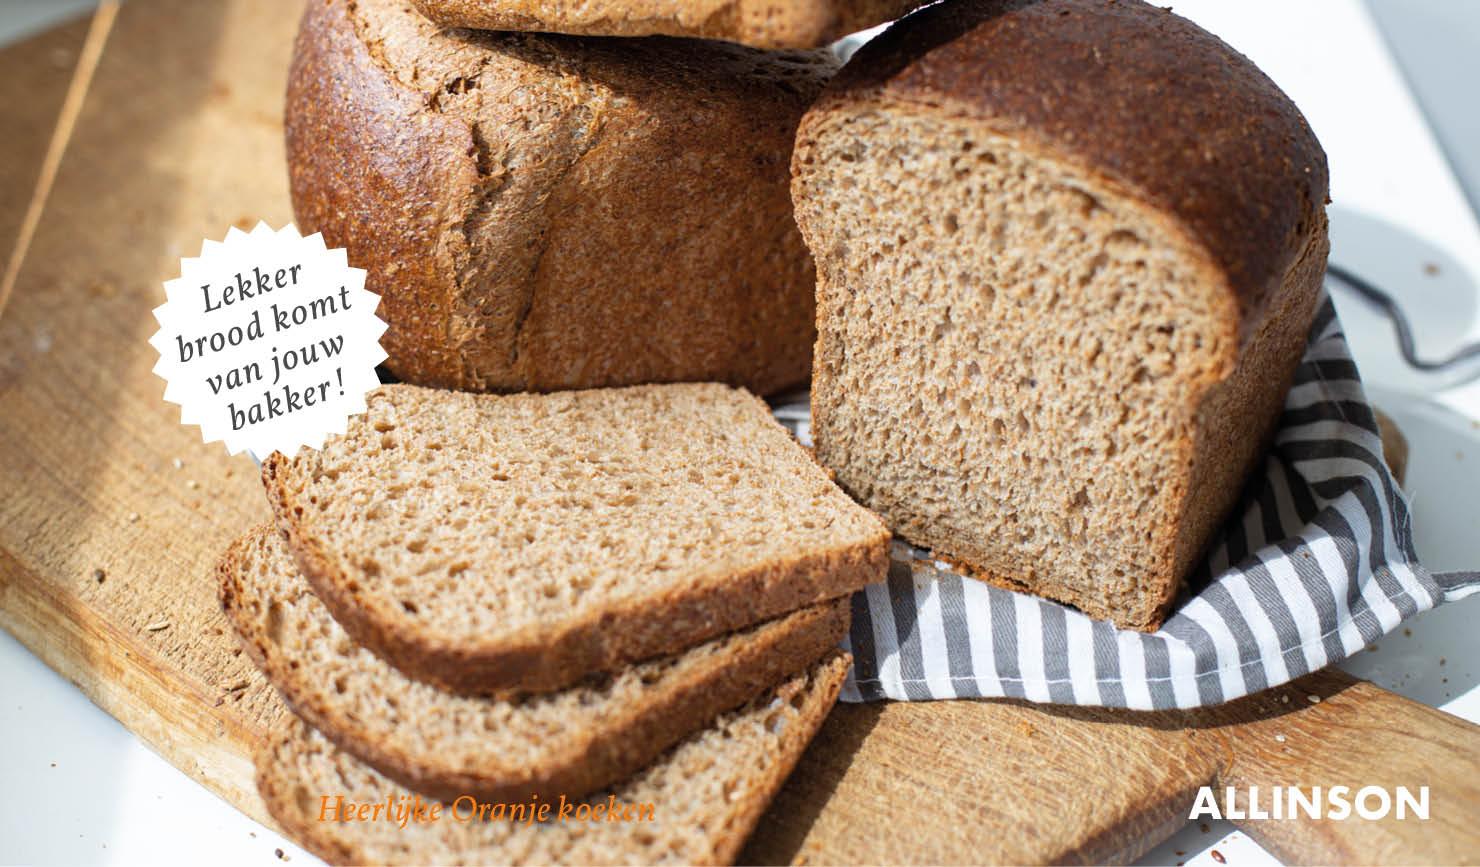 brood Allinson